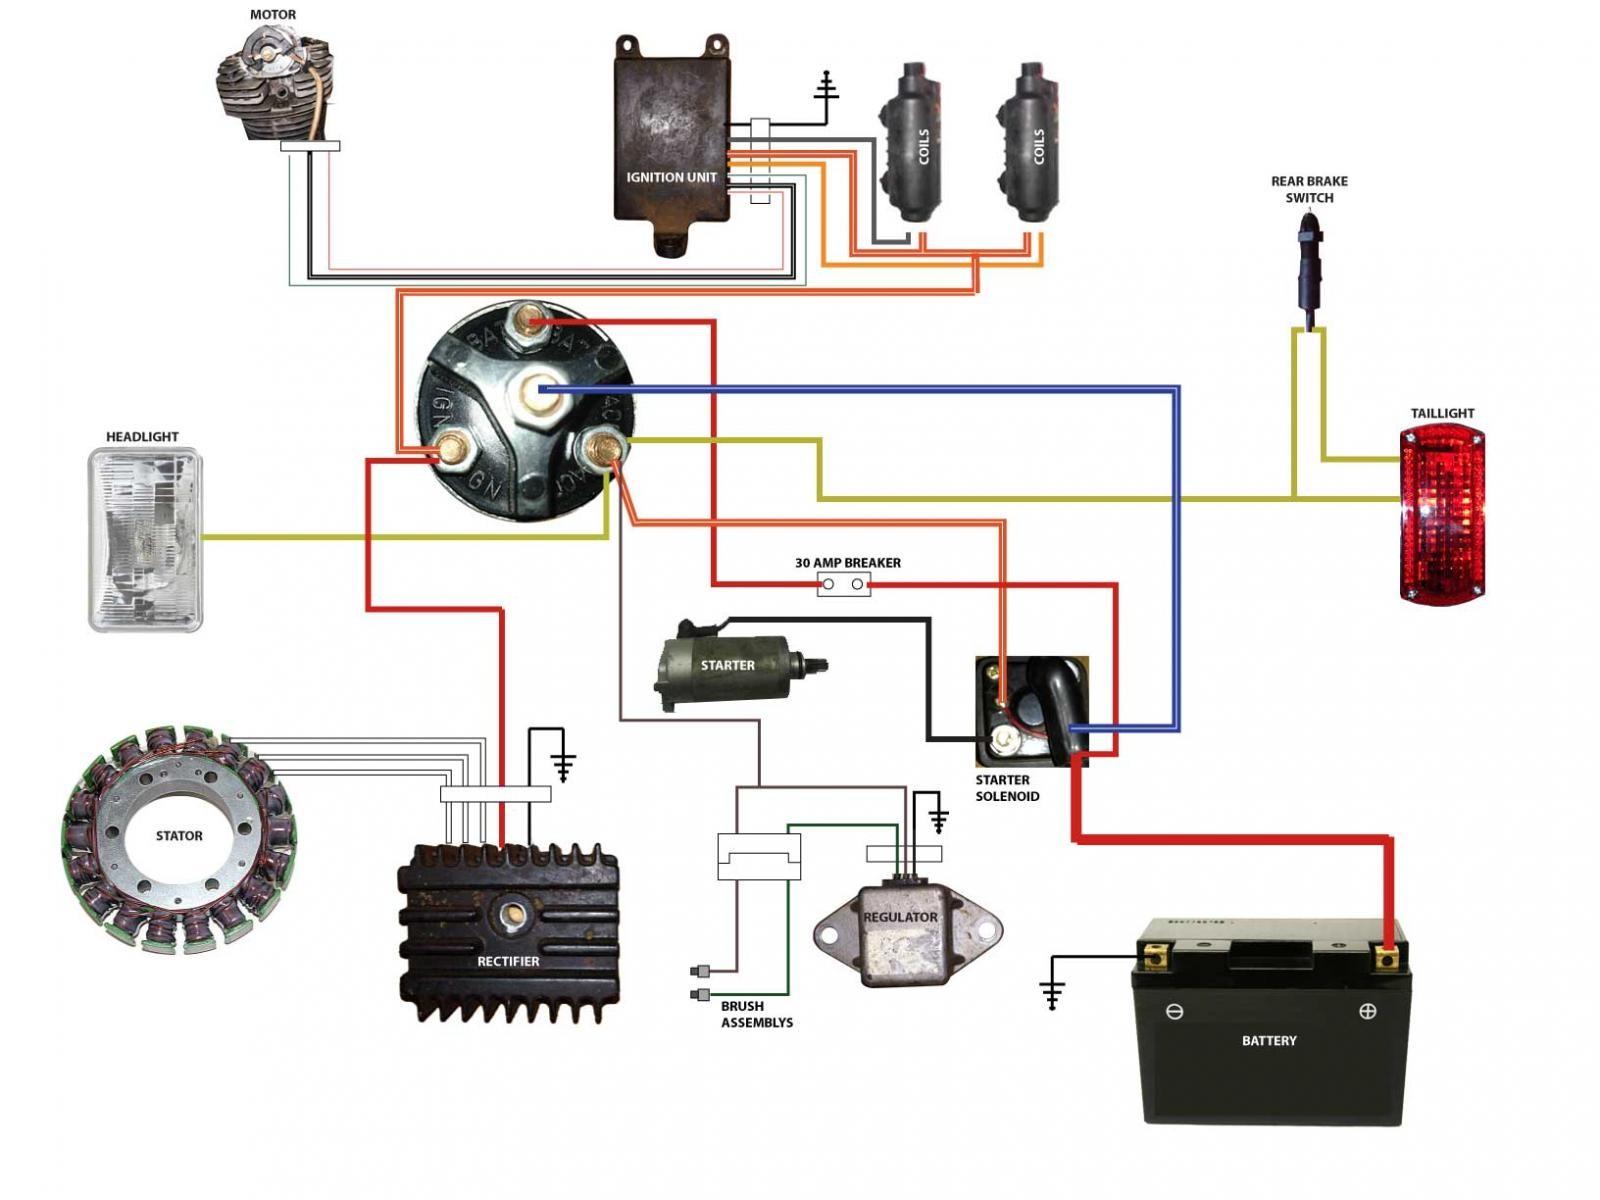 1981 Virago Wiring Diagram Data Schematics 1997 Polaris Sportsman Yamaha Xv750 Rh Maerkang Org 750 500